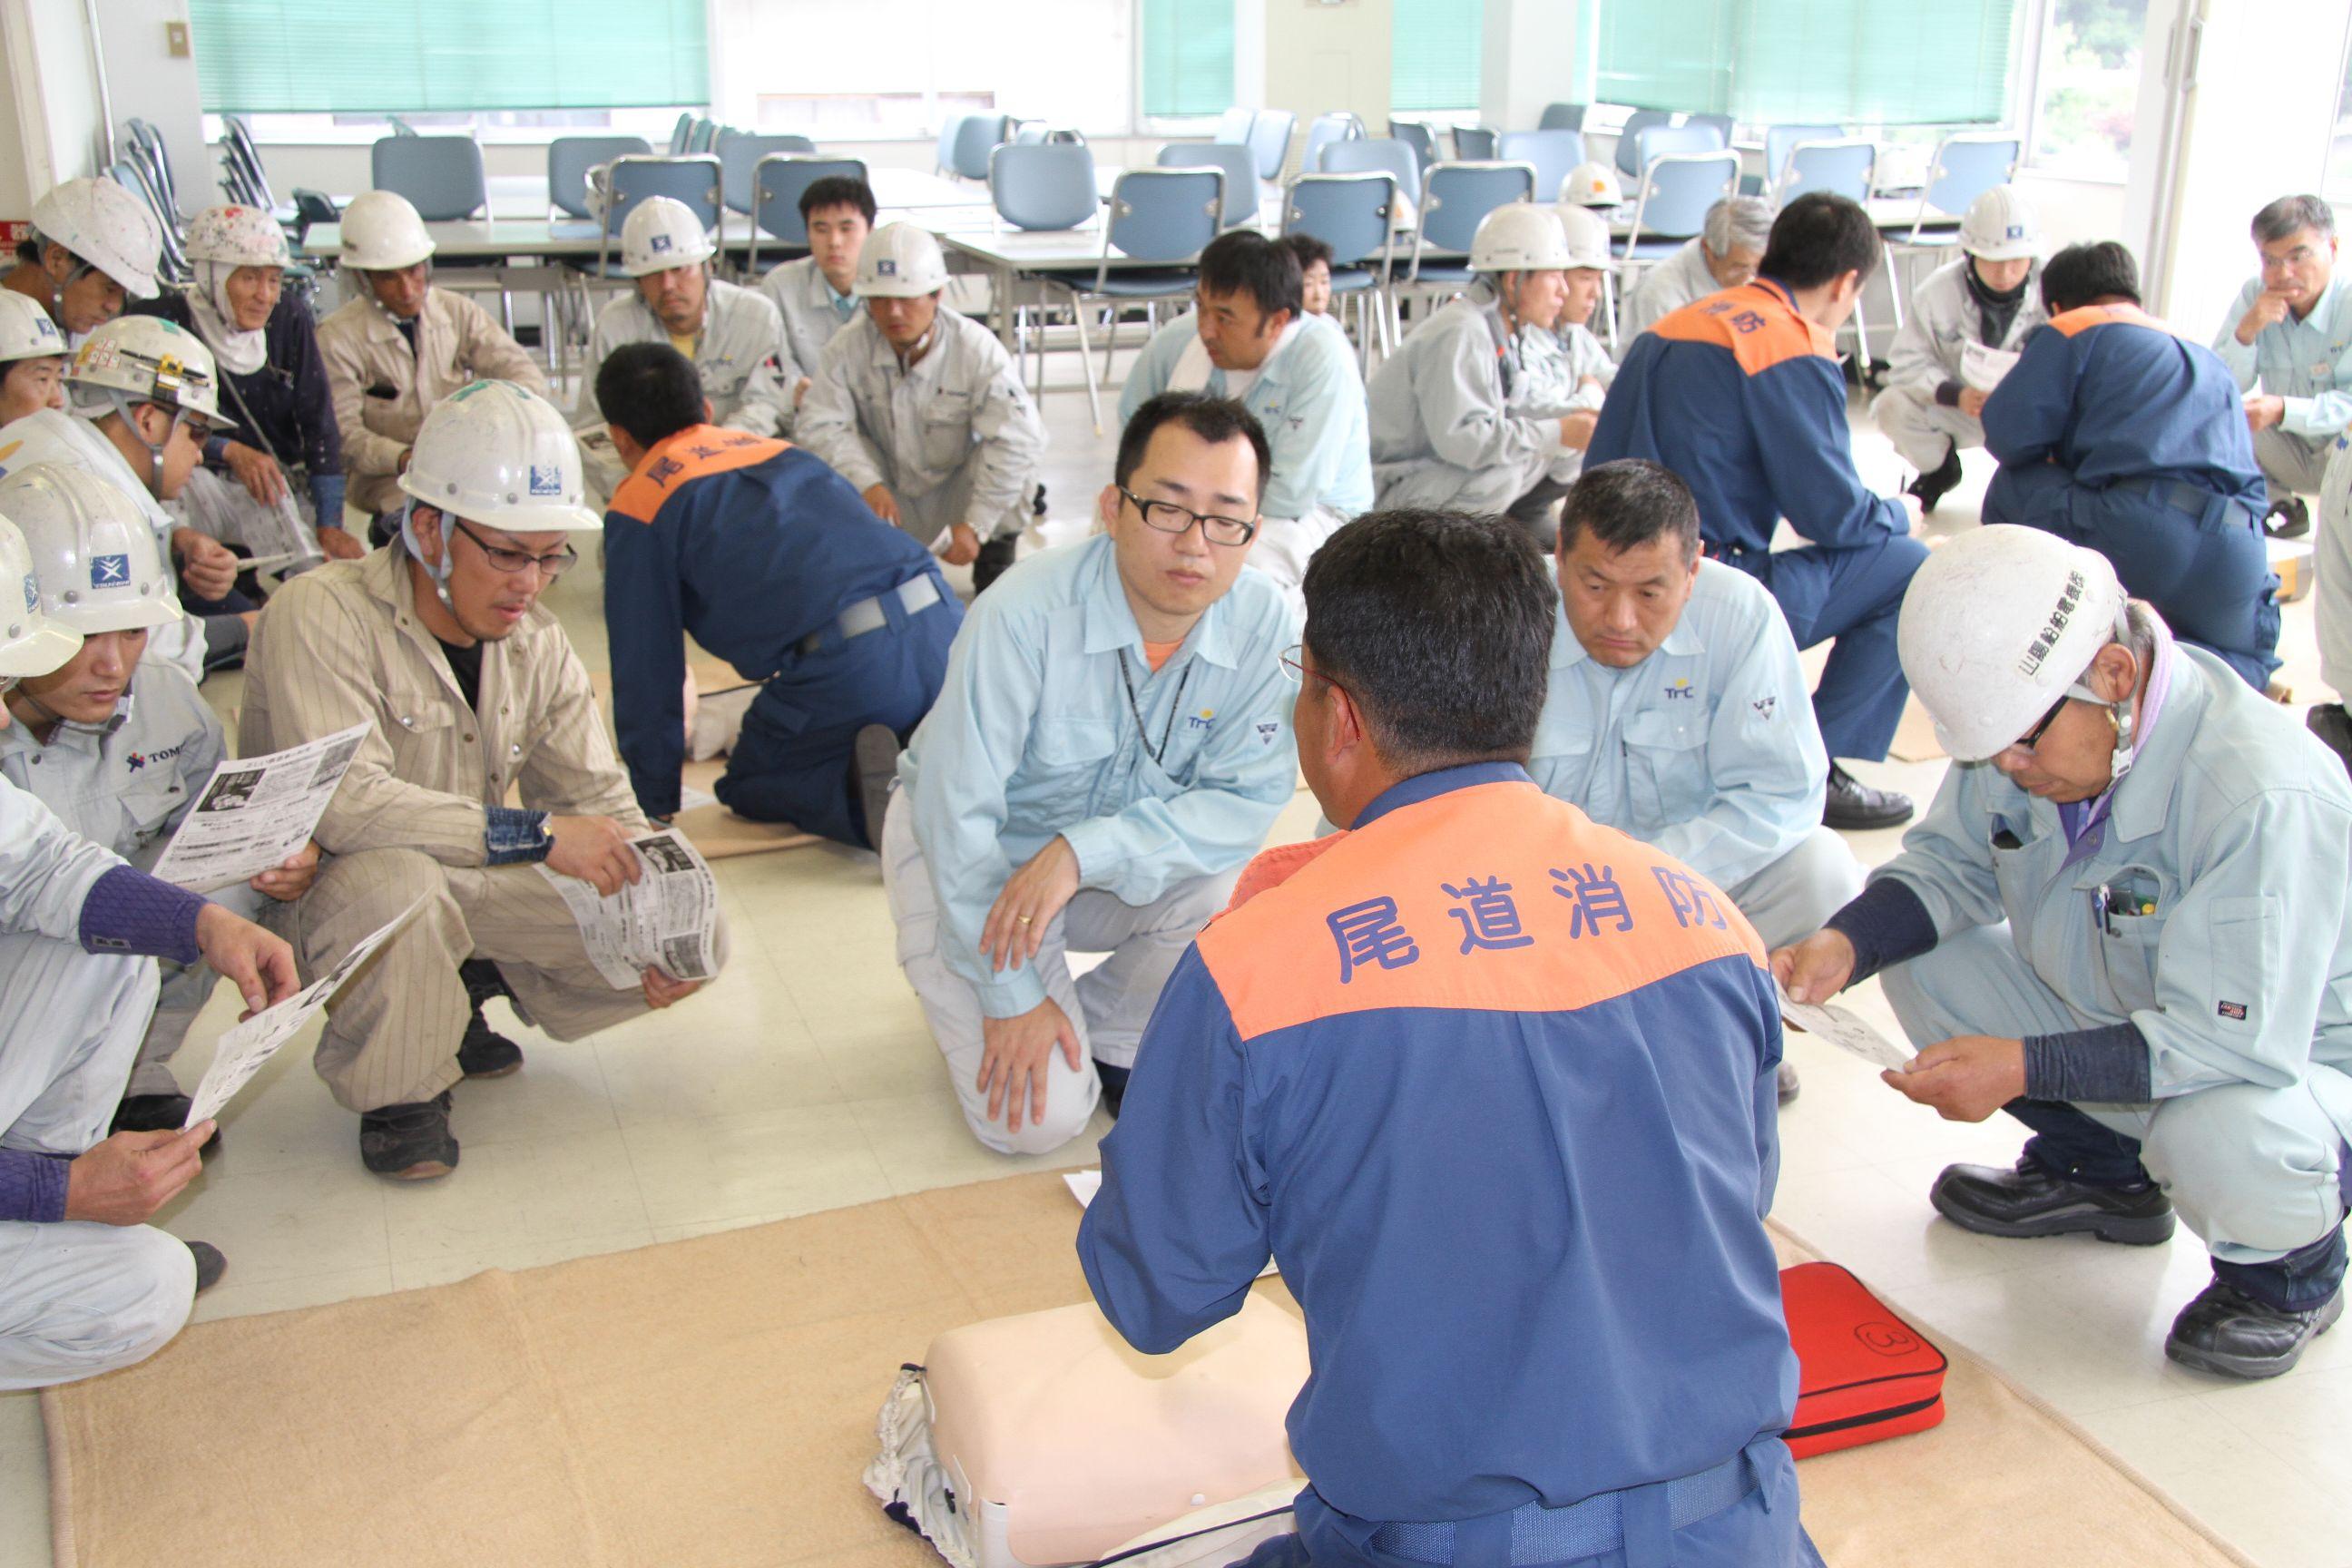 ツネイシクラフト&ファシリティーズ、安全週間に緊急時の措置に係る訓練を実施